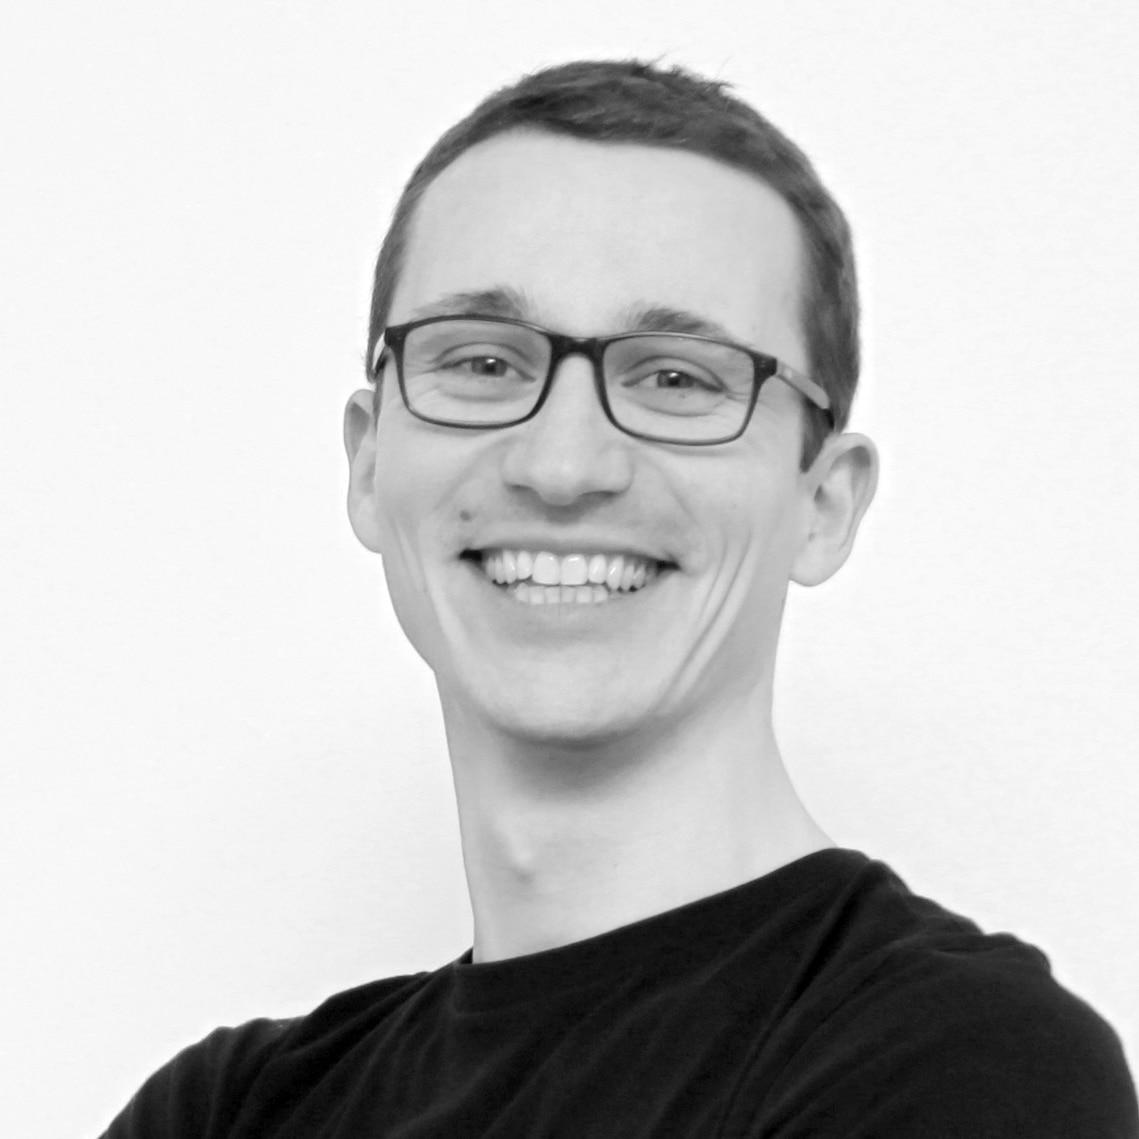 Philipp Hellmann, Mitbegründer des Echtzeit-Produktionshauses mld digits gmbh